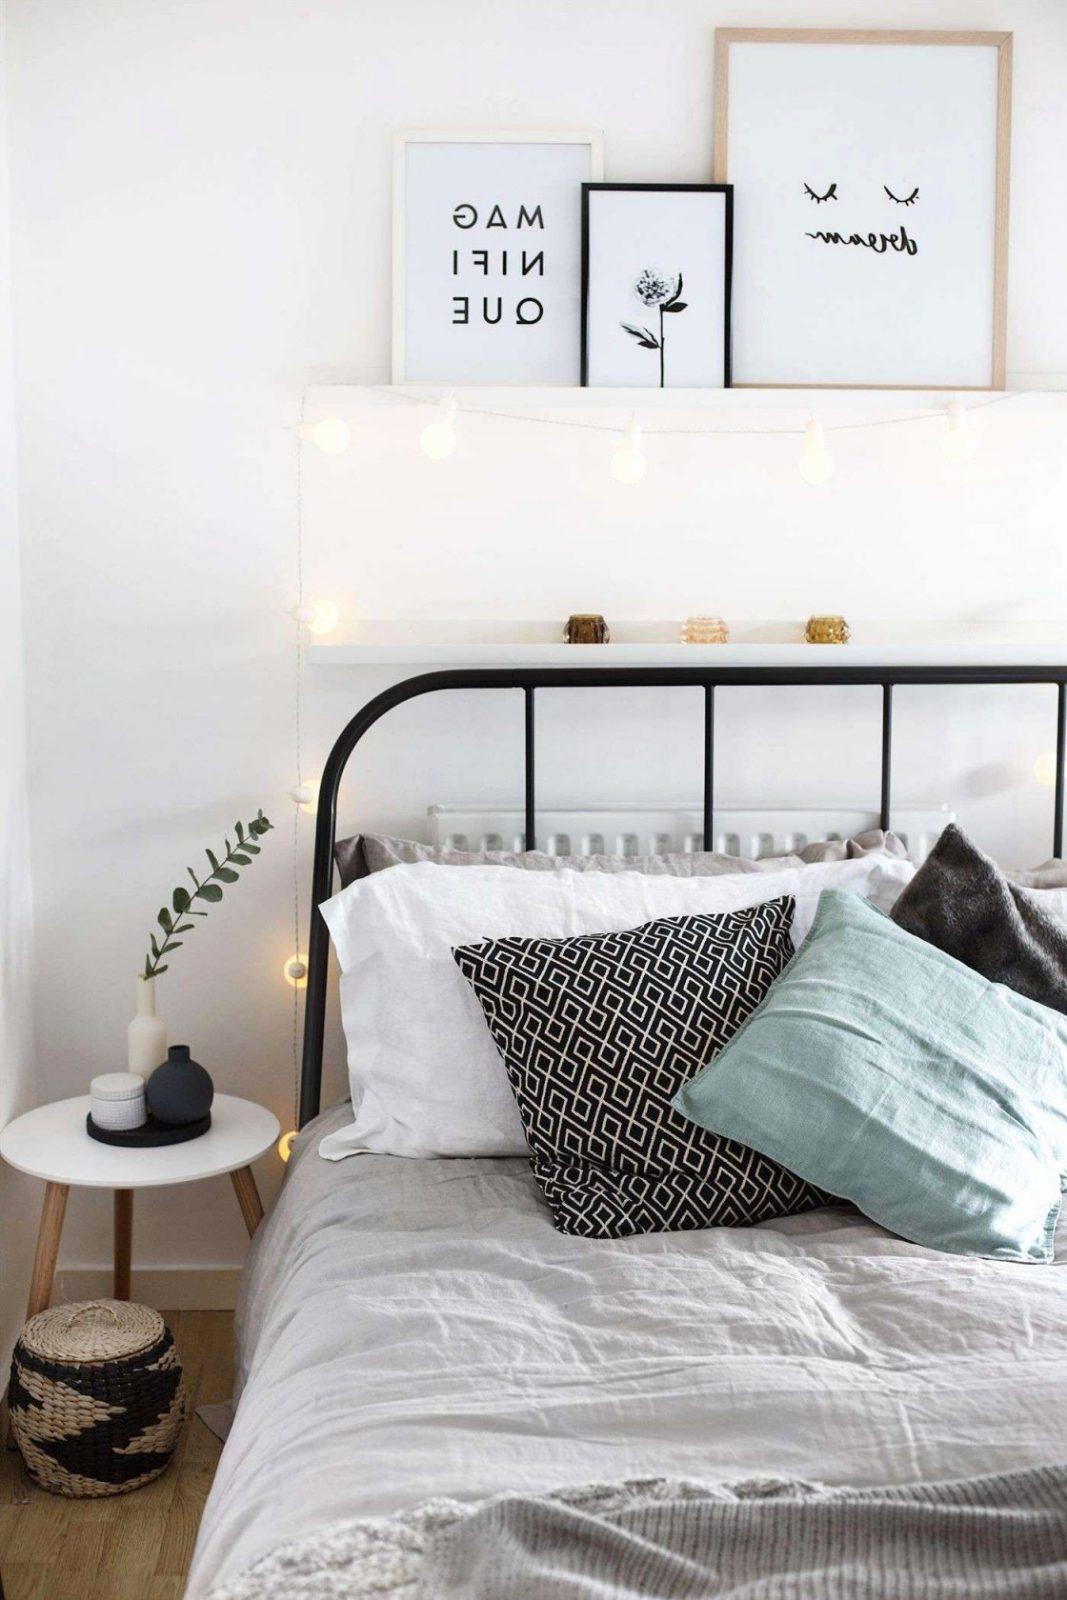 Kleines Kinderzimmer Optimal Nutzen Elegant 50 Jugendzimmer von Kleine Jugendzimmer Optimal Einrichten Bild